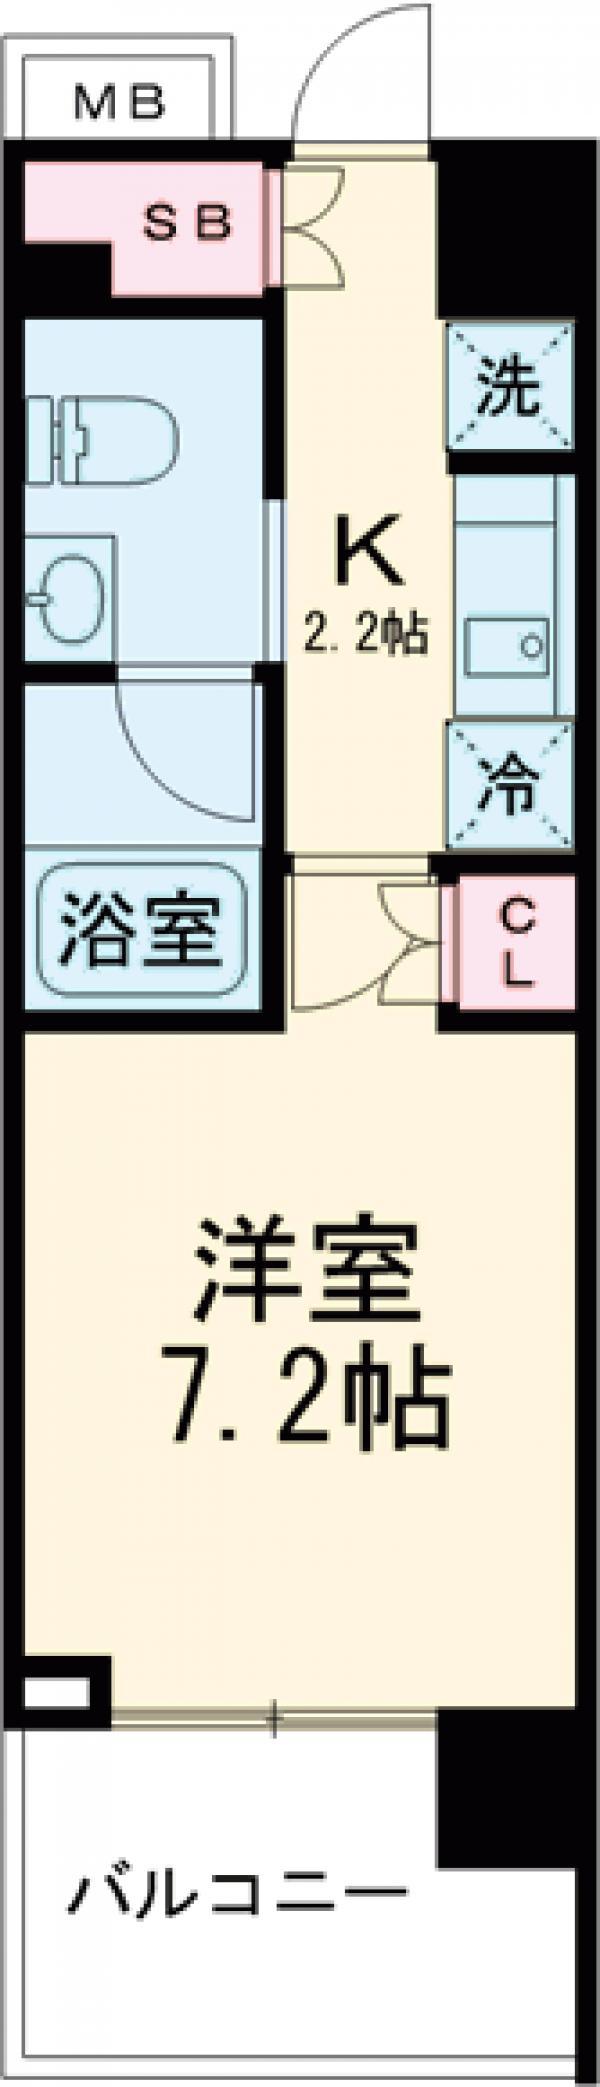 プライムメゾン早稲田通り・406号室の間取り